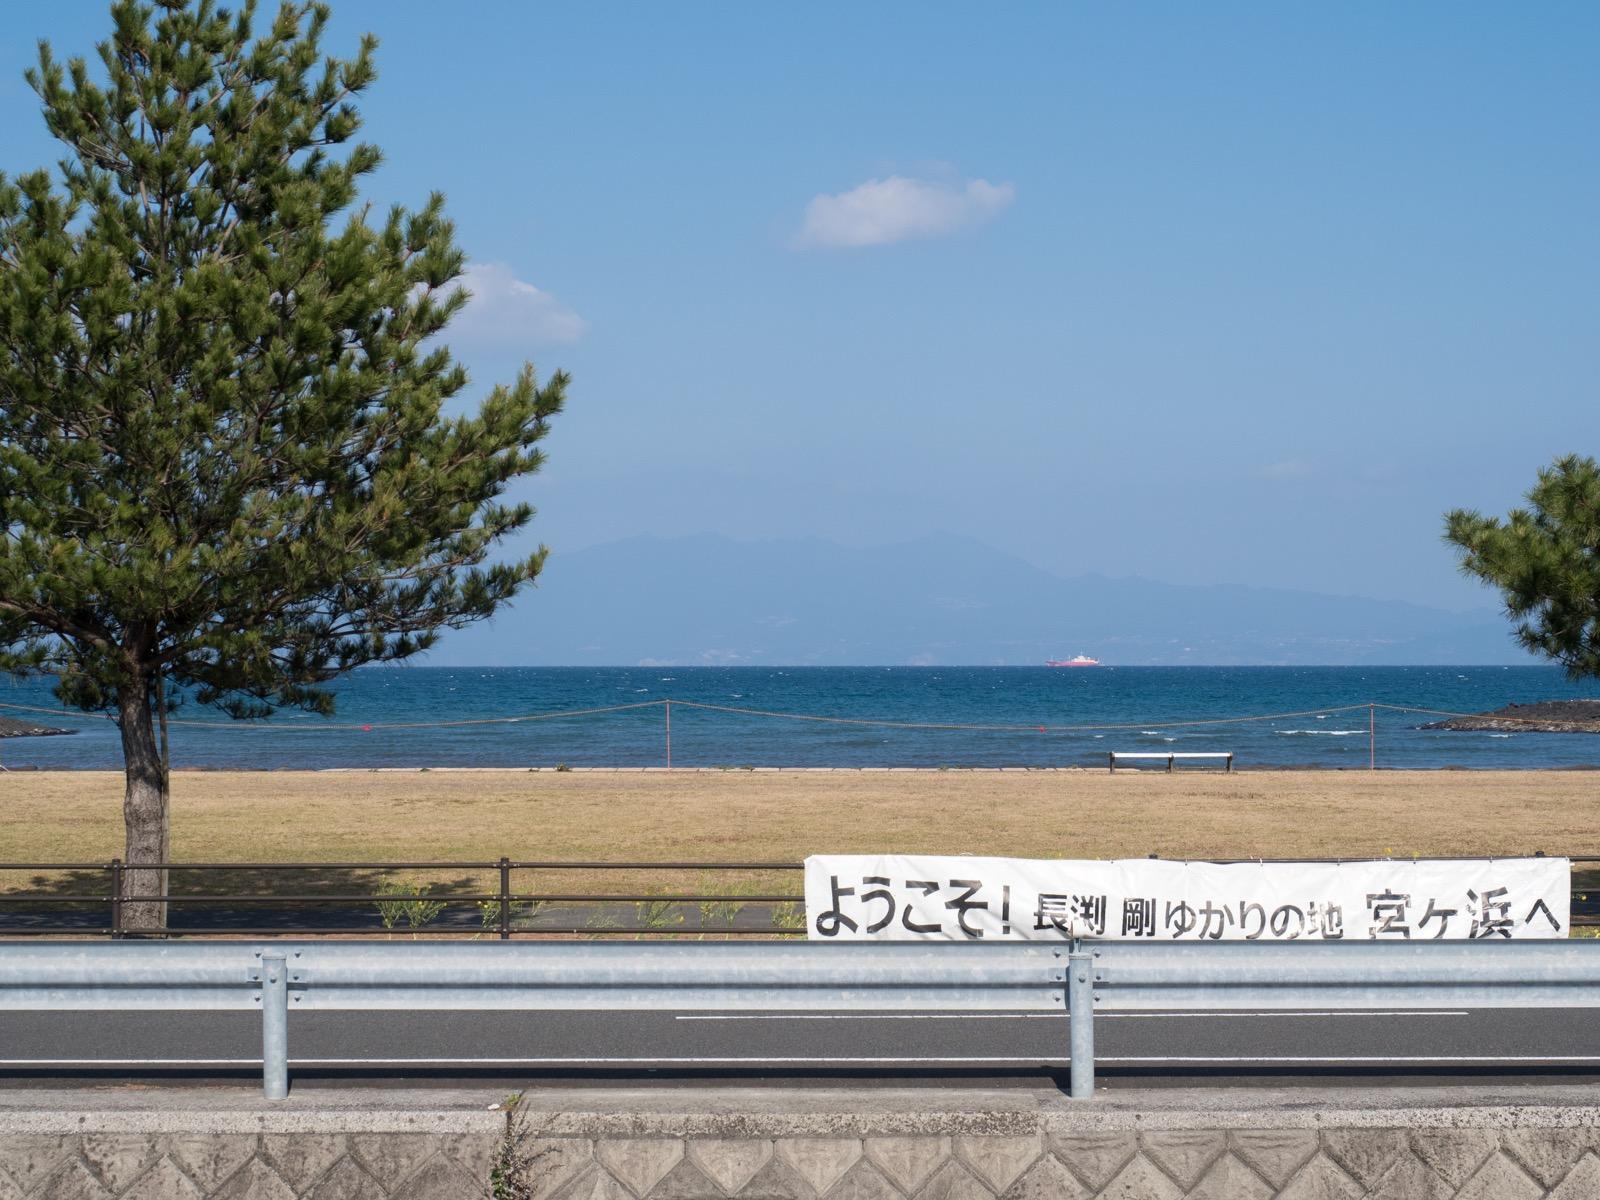 宮ケ浜駅から見た鹿児島湾と大隅半島